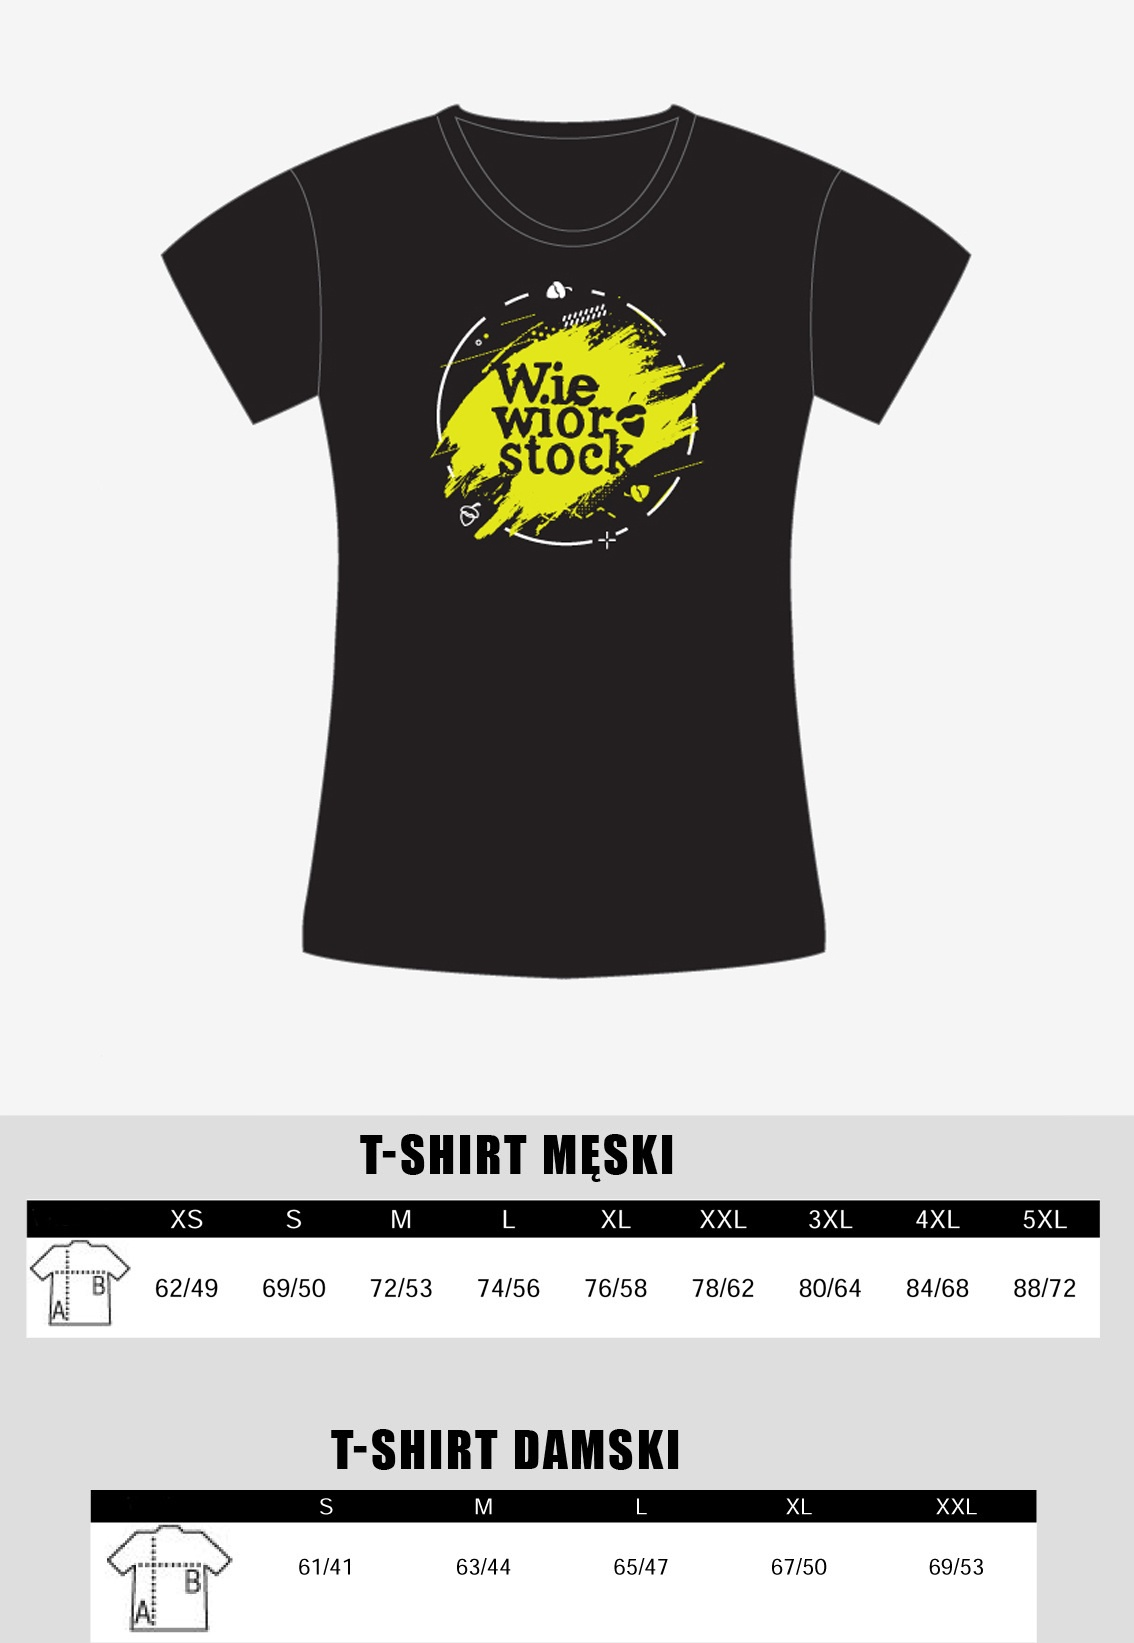 Wiewiórstockowy T-shirt wzór drugi :) Damski M